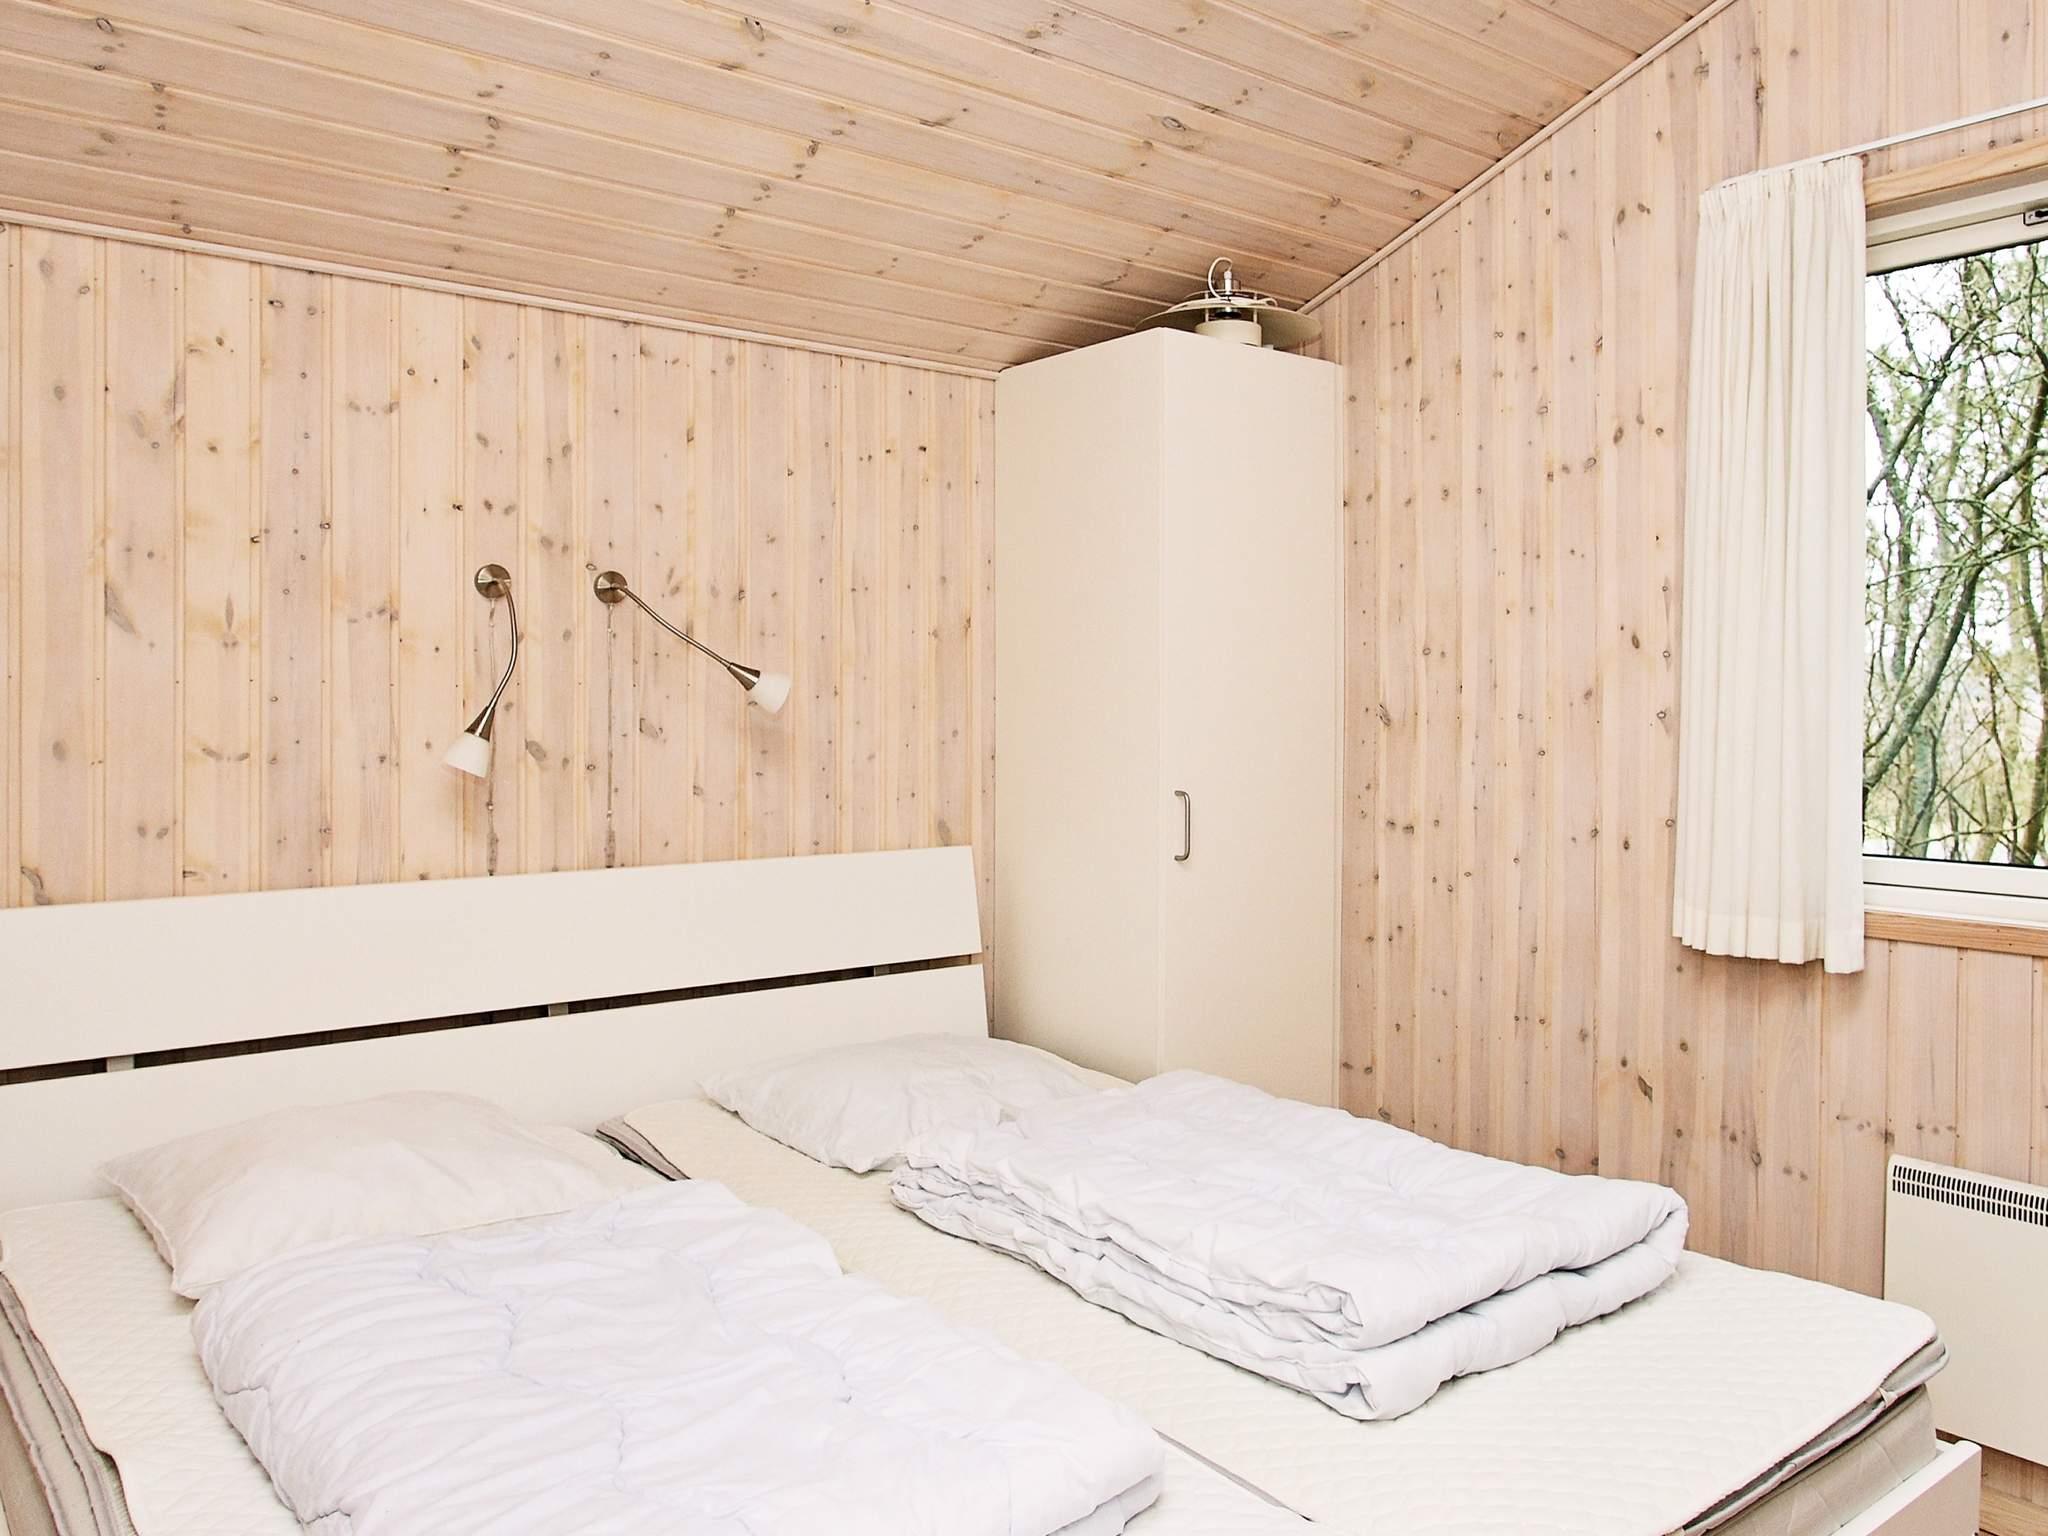 Ferienhaus Lodskovvad (241686), Lodskovvad, , Nordostjütland, Dänemark, Bild 9